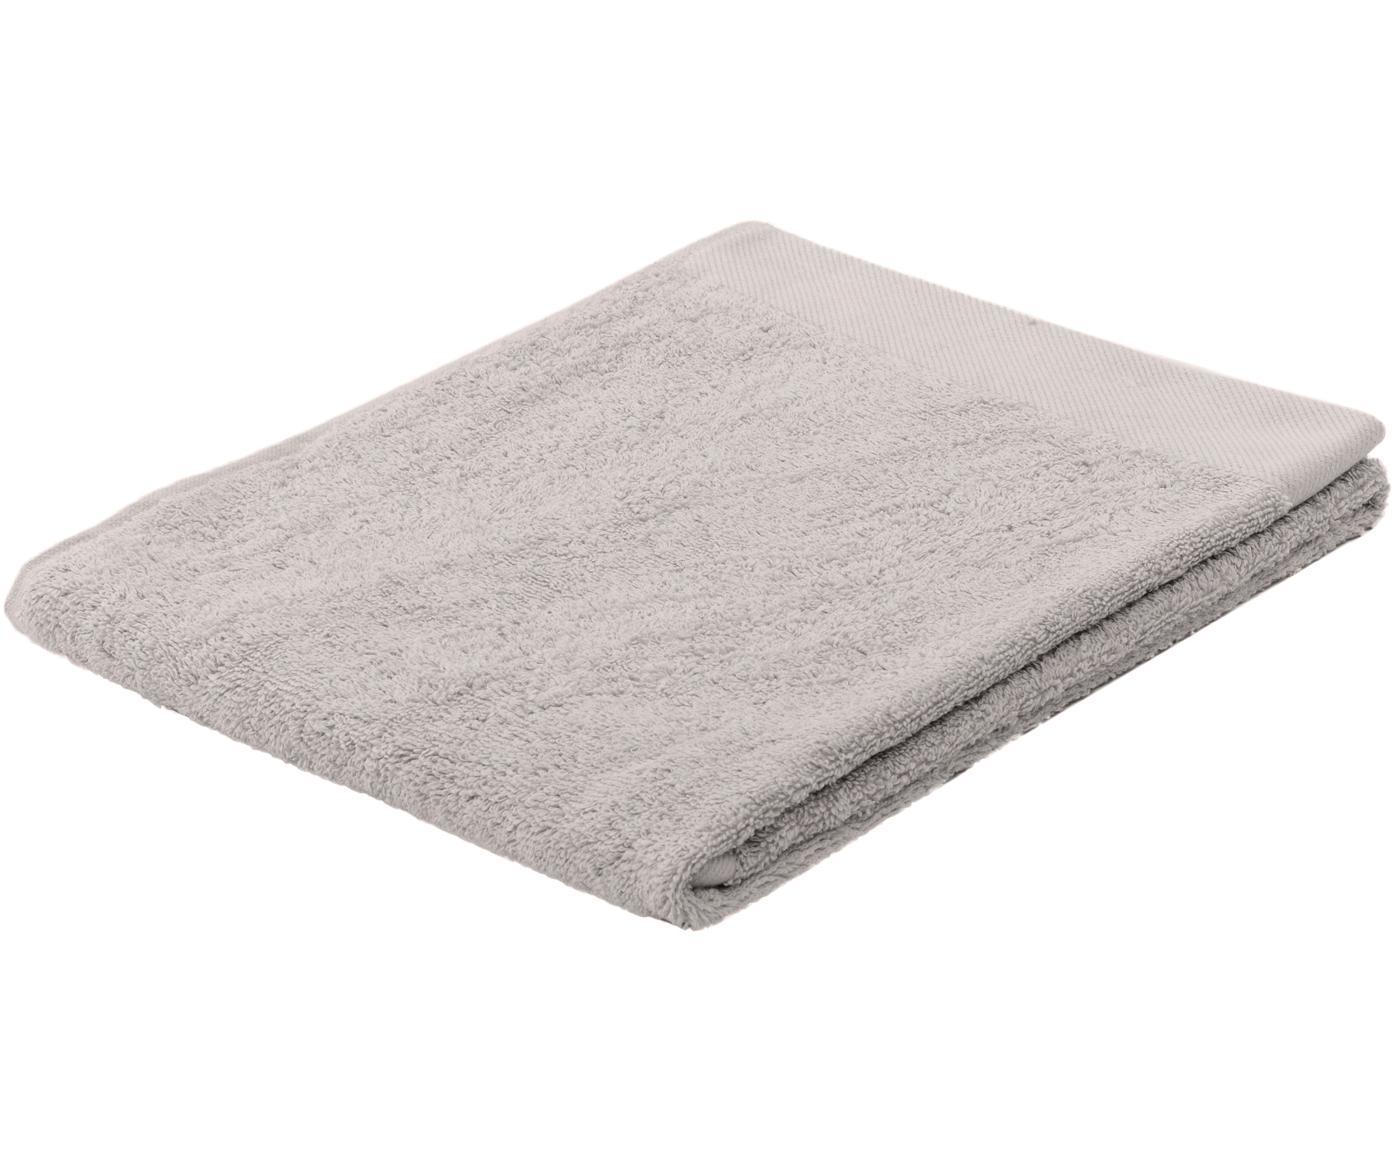 Handtuch Blend aus recyceltem Baumwoll-Mix, Hellgrau, Handtuch